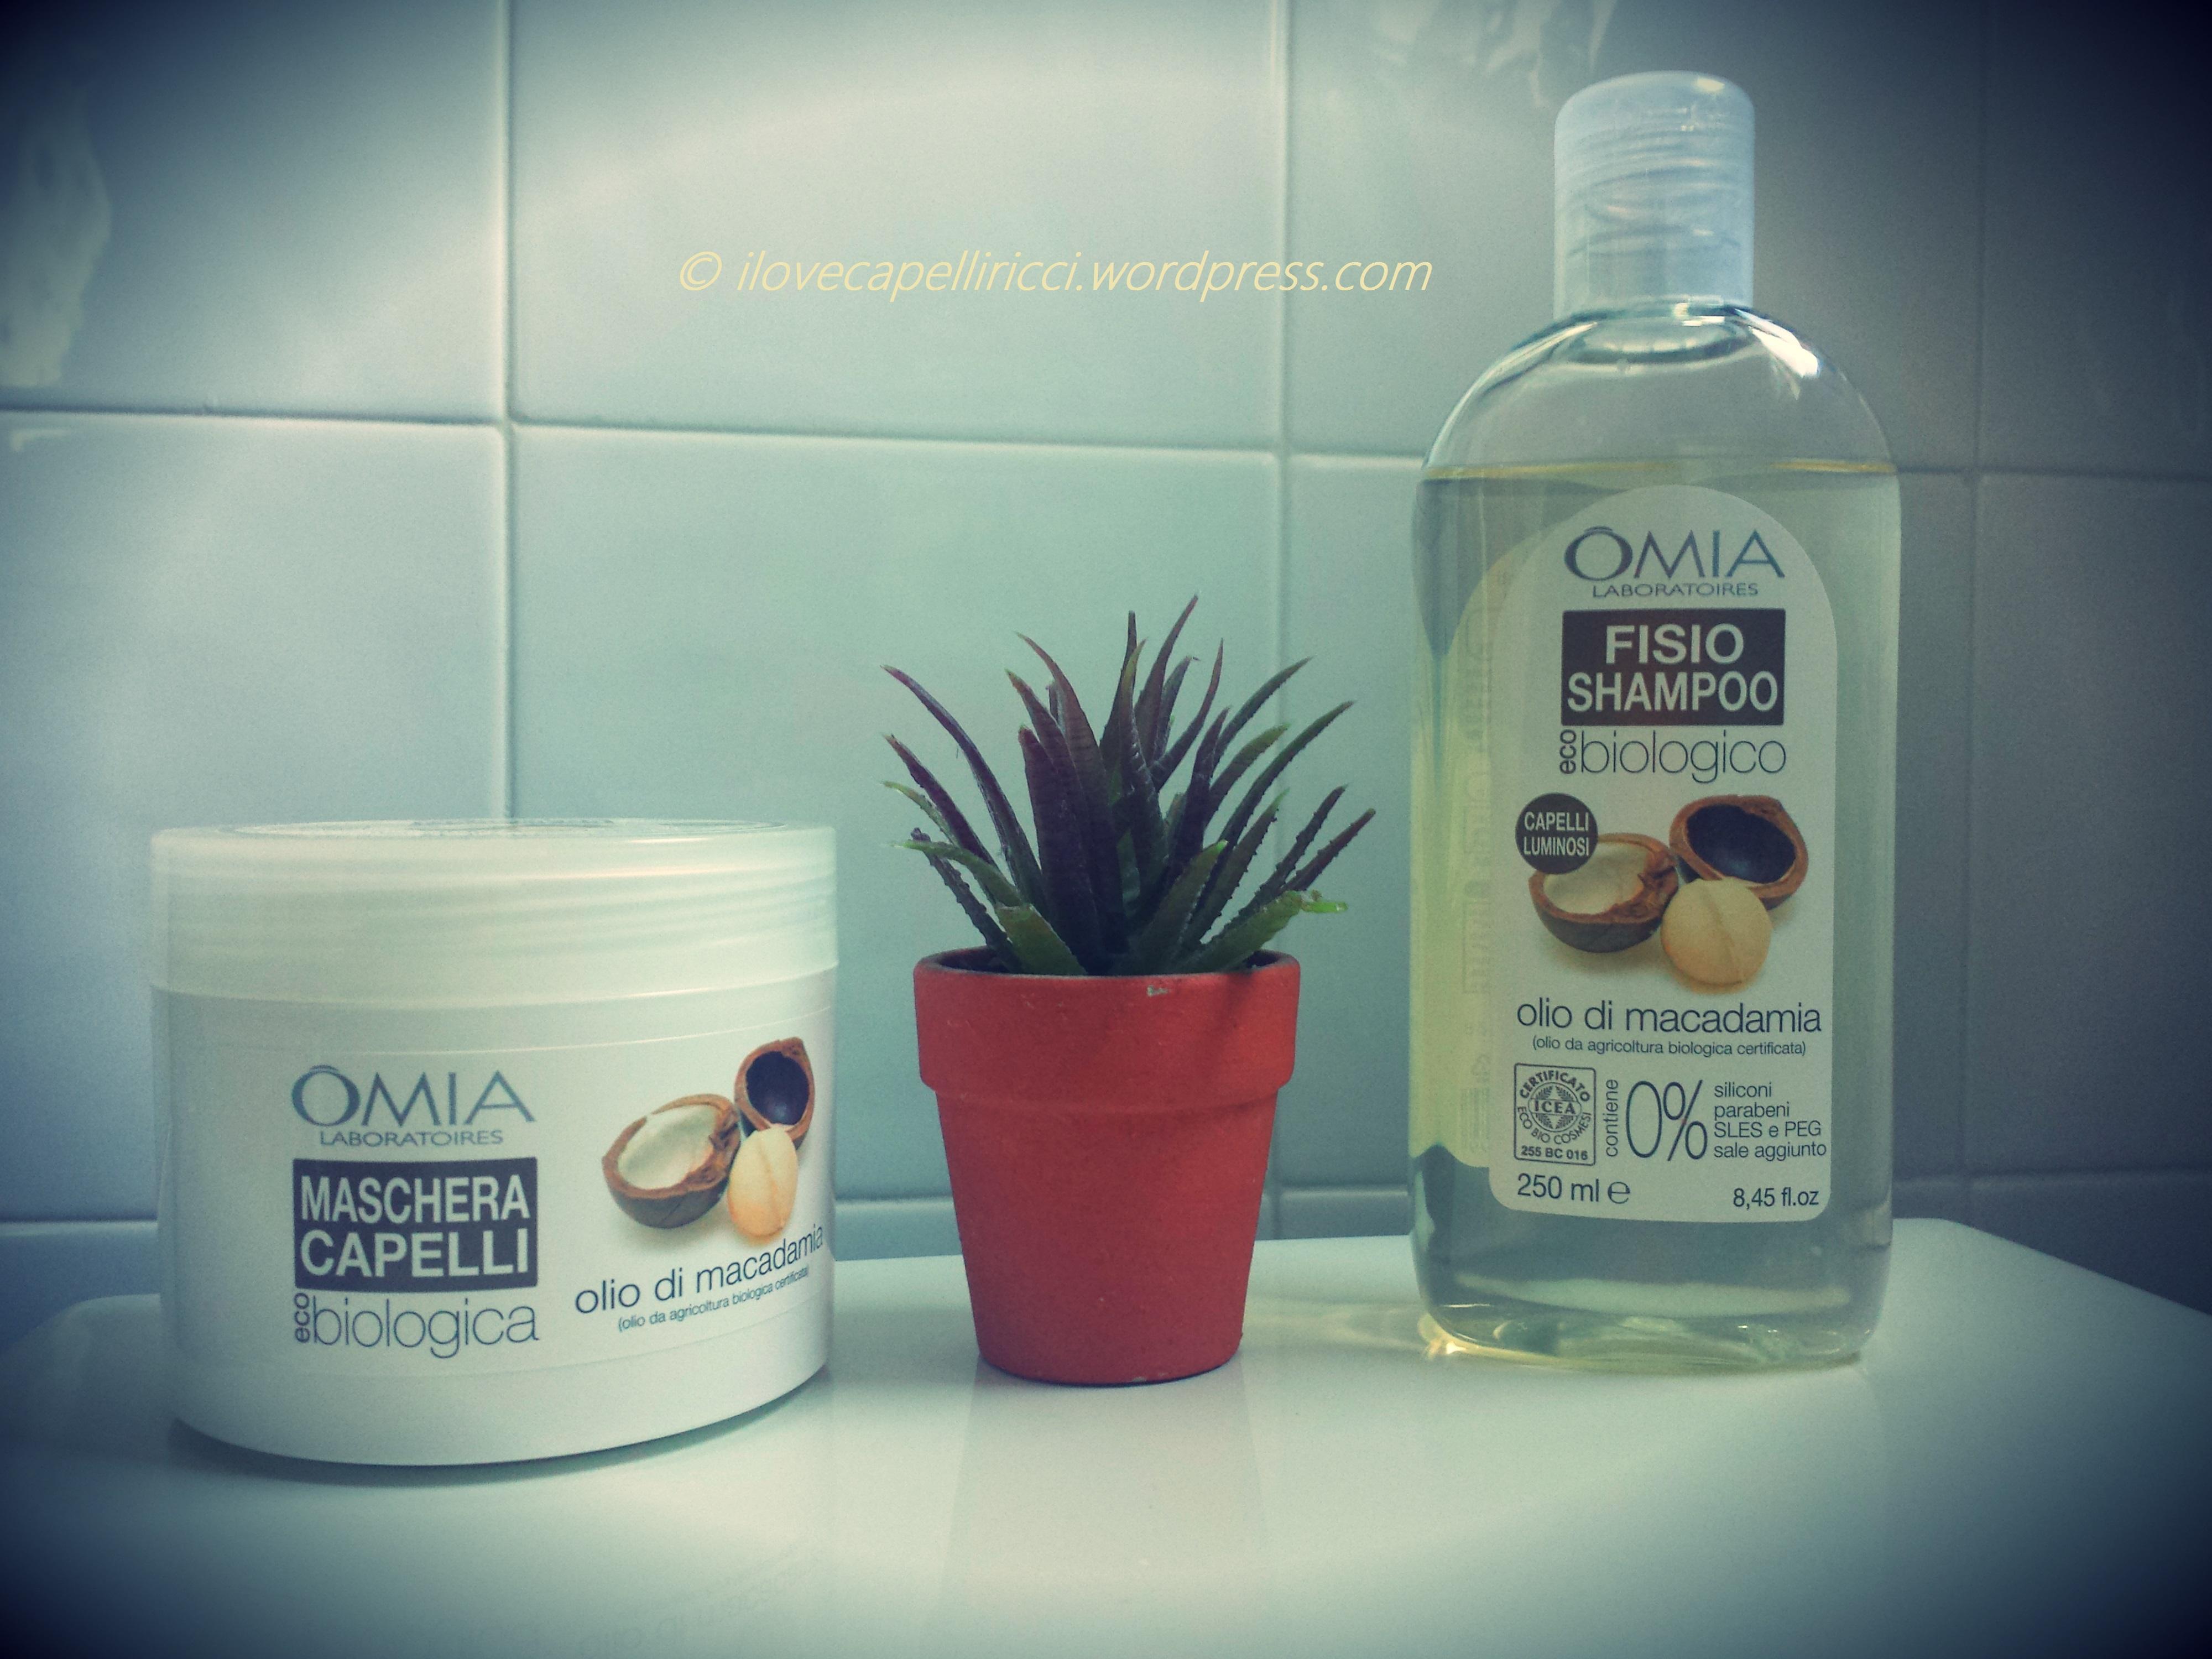 Maschere per capelli da miele naturale e un limone per